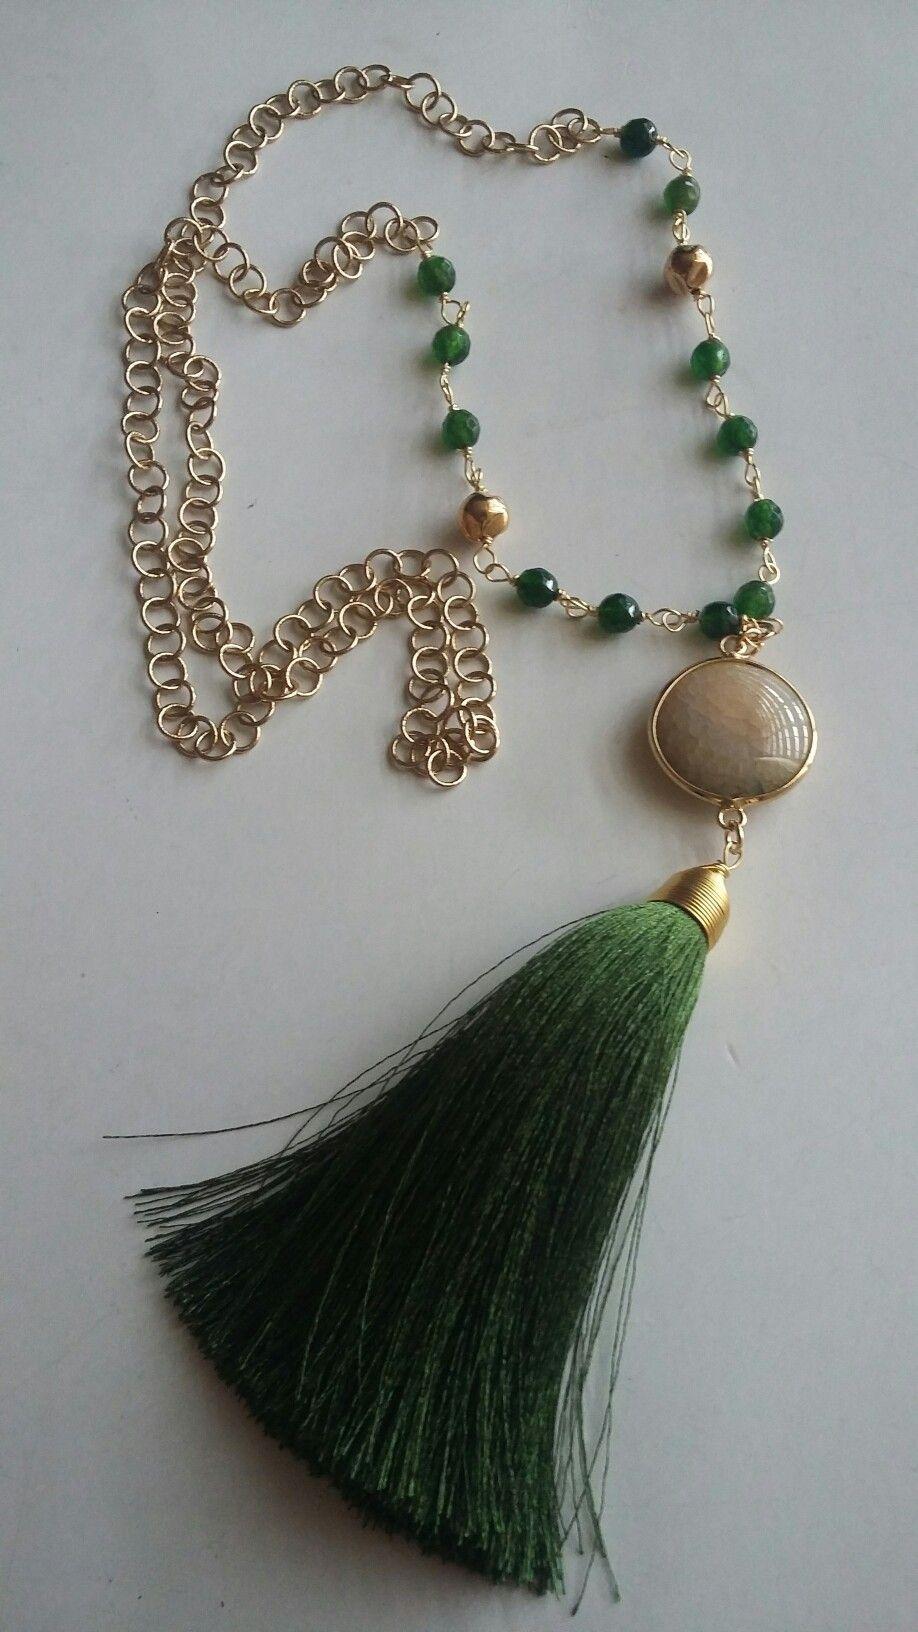 73e3ebe12f49 Collar de Creaciones Little Flower. Bisutería fina 100% artesanal ...